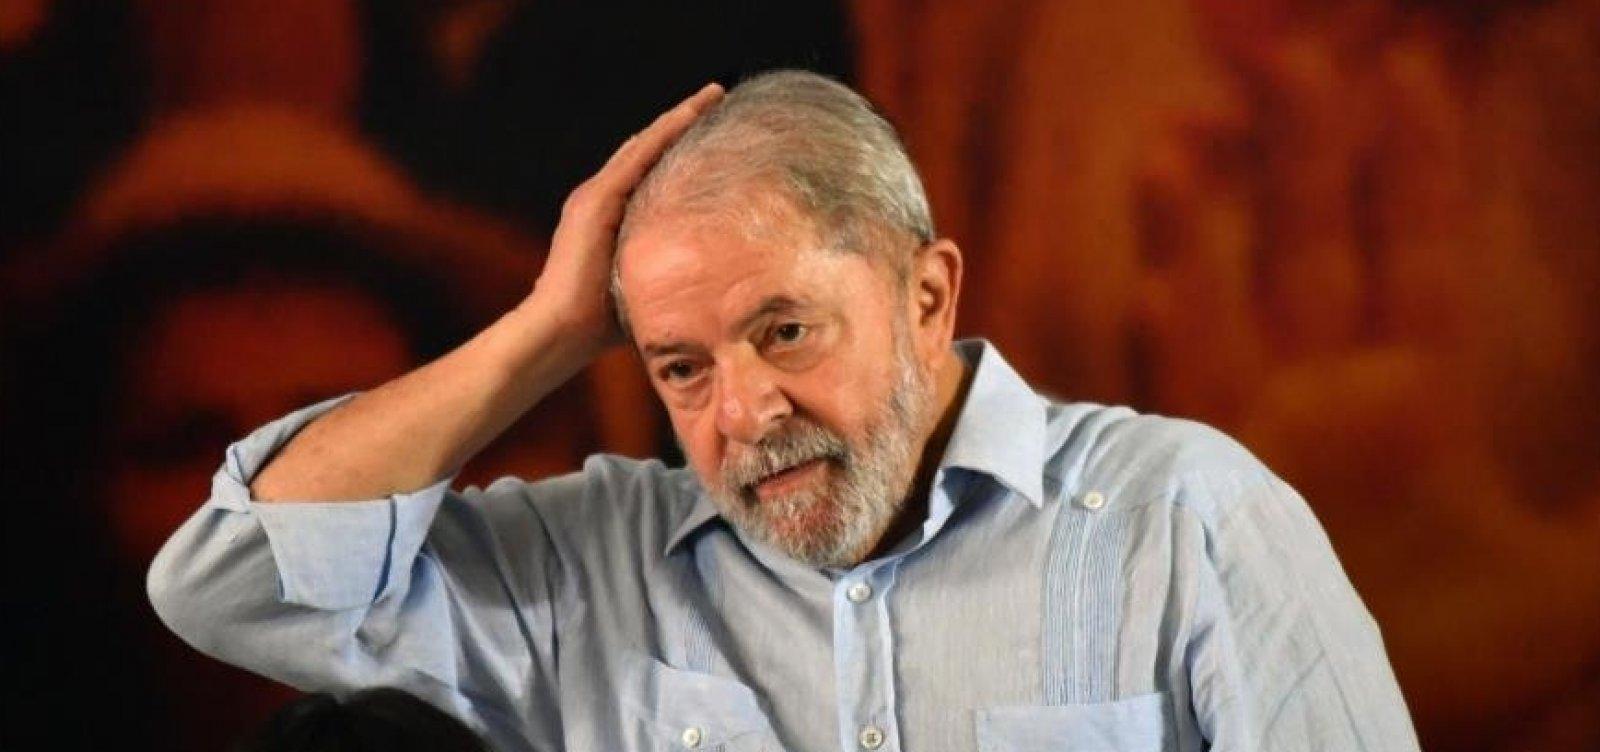 Tribunal rejeita pedido de Lula para votar no domingo